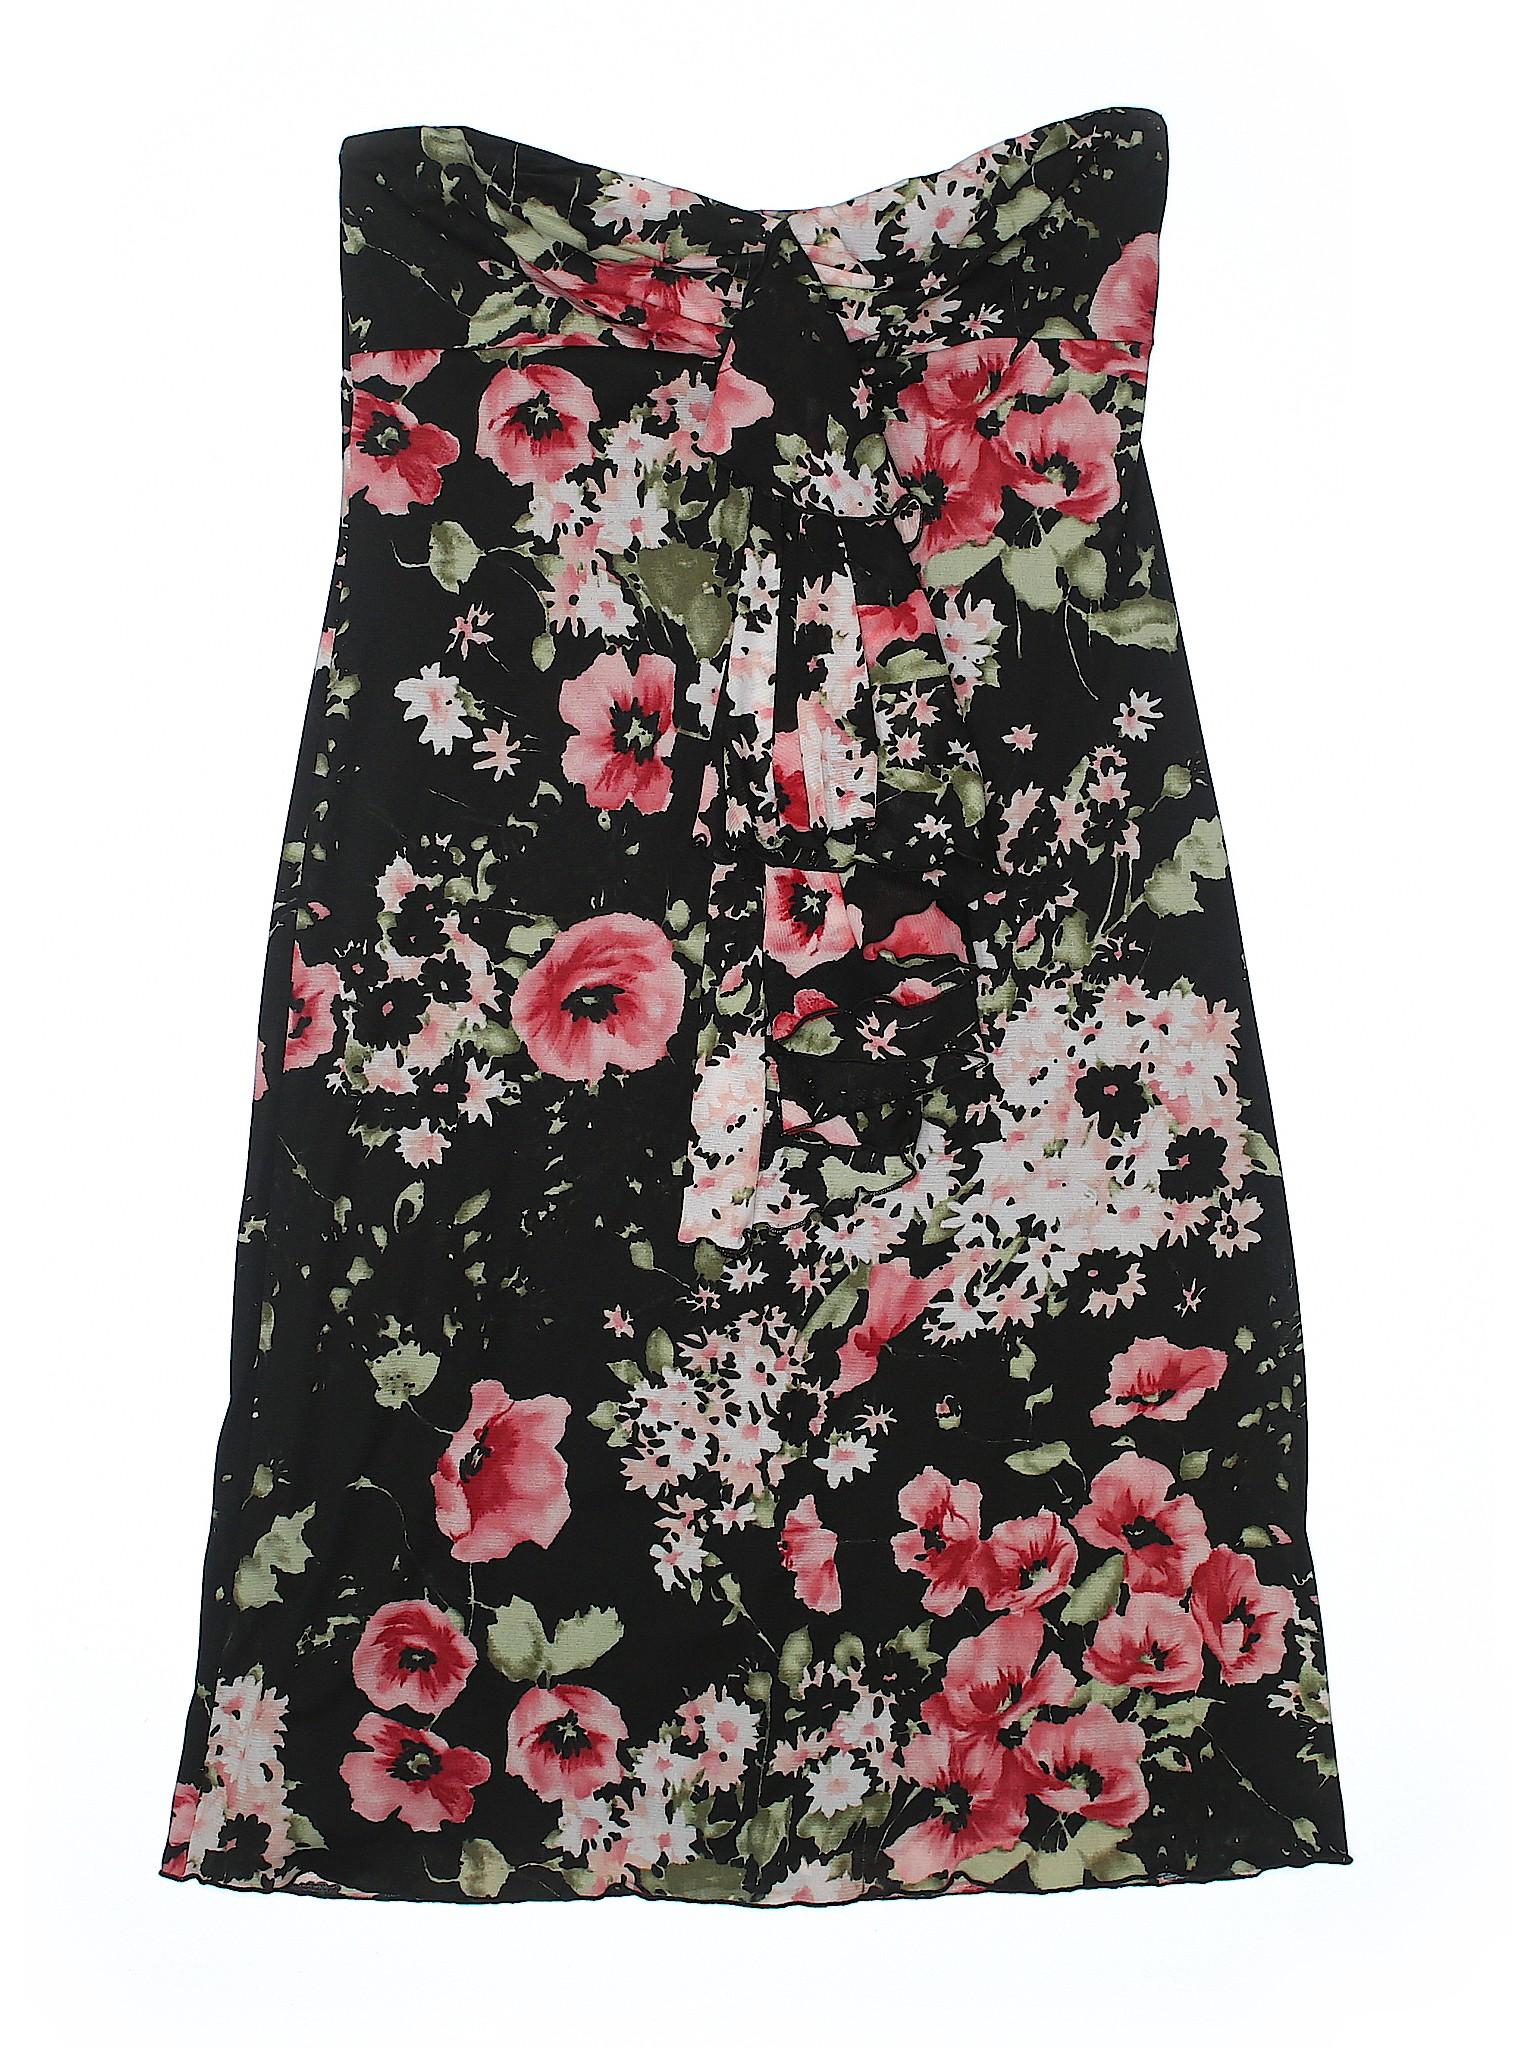 Peep winter Boutique Dress Studio Casual z57d74wx